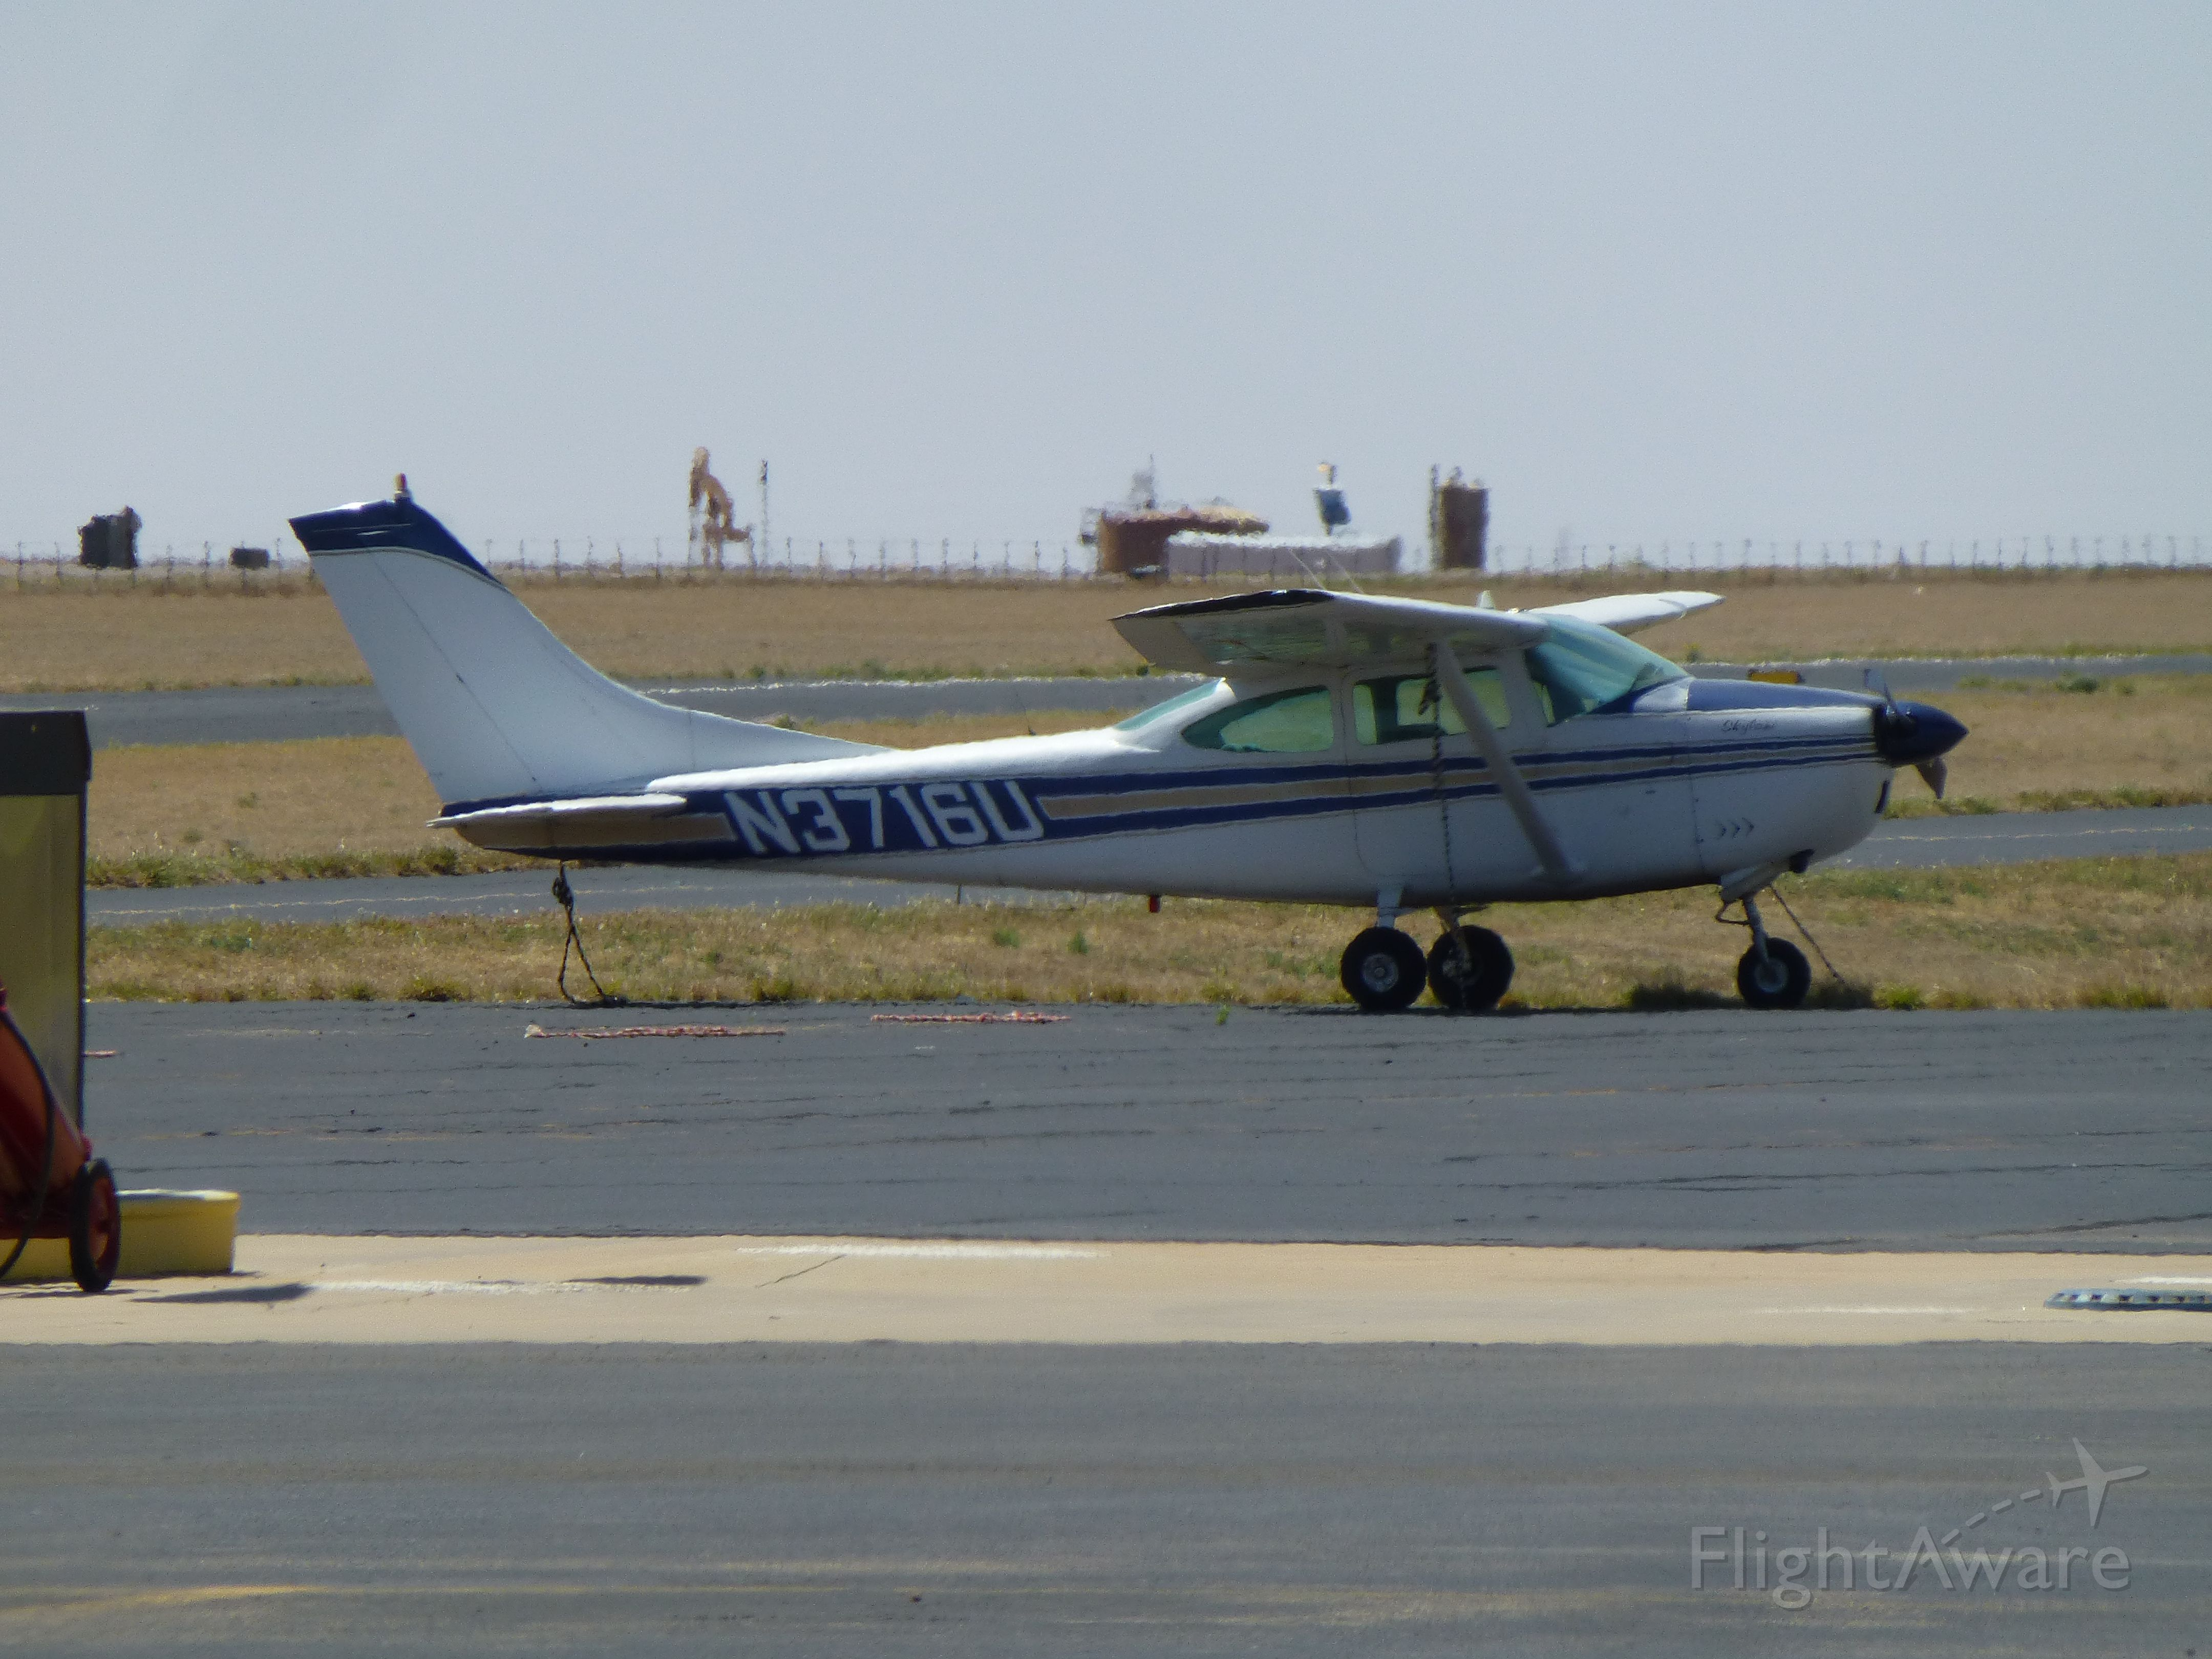 Cessna Skyhawk (N3716U)